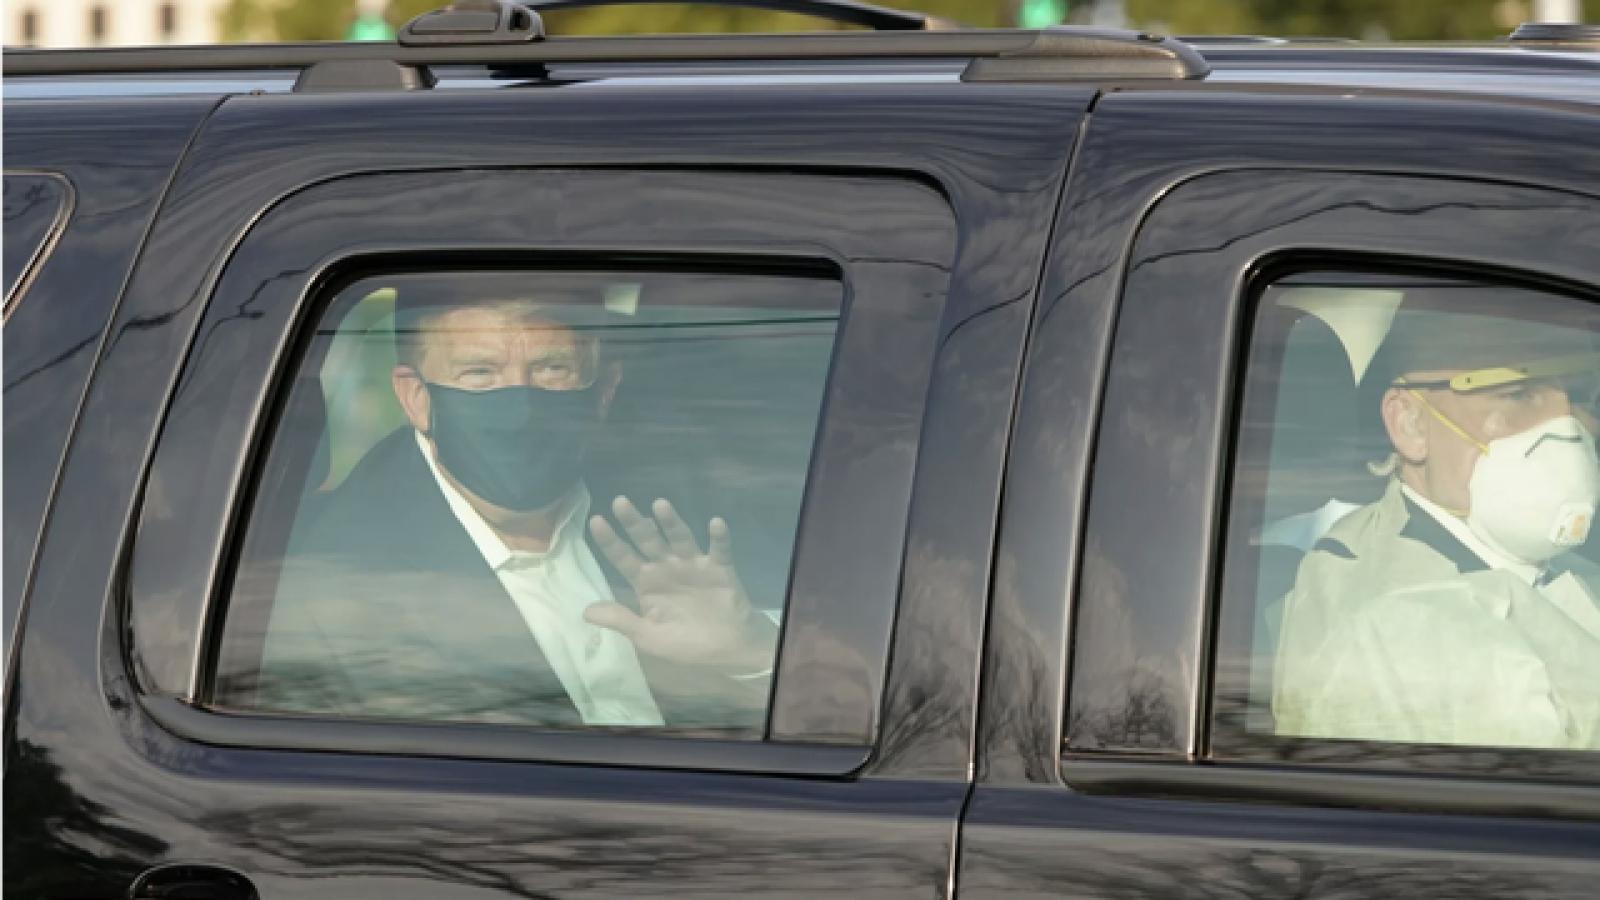 Chiếc xe bọc thép chở ông Trump khi mắc Covid-19 có an toàn hơn xe thường?